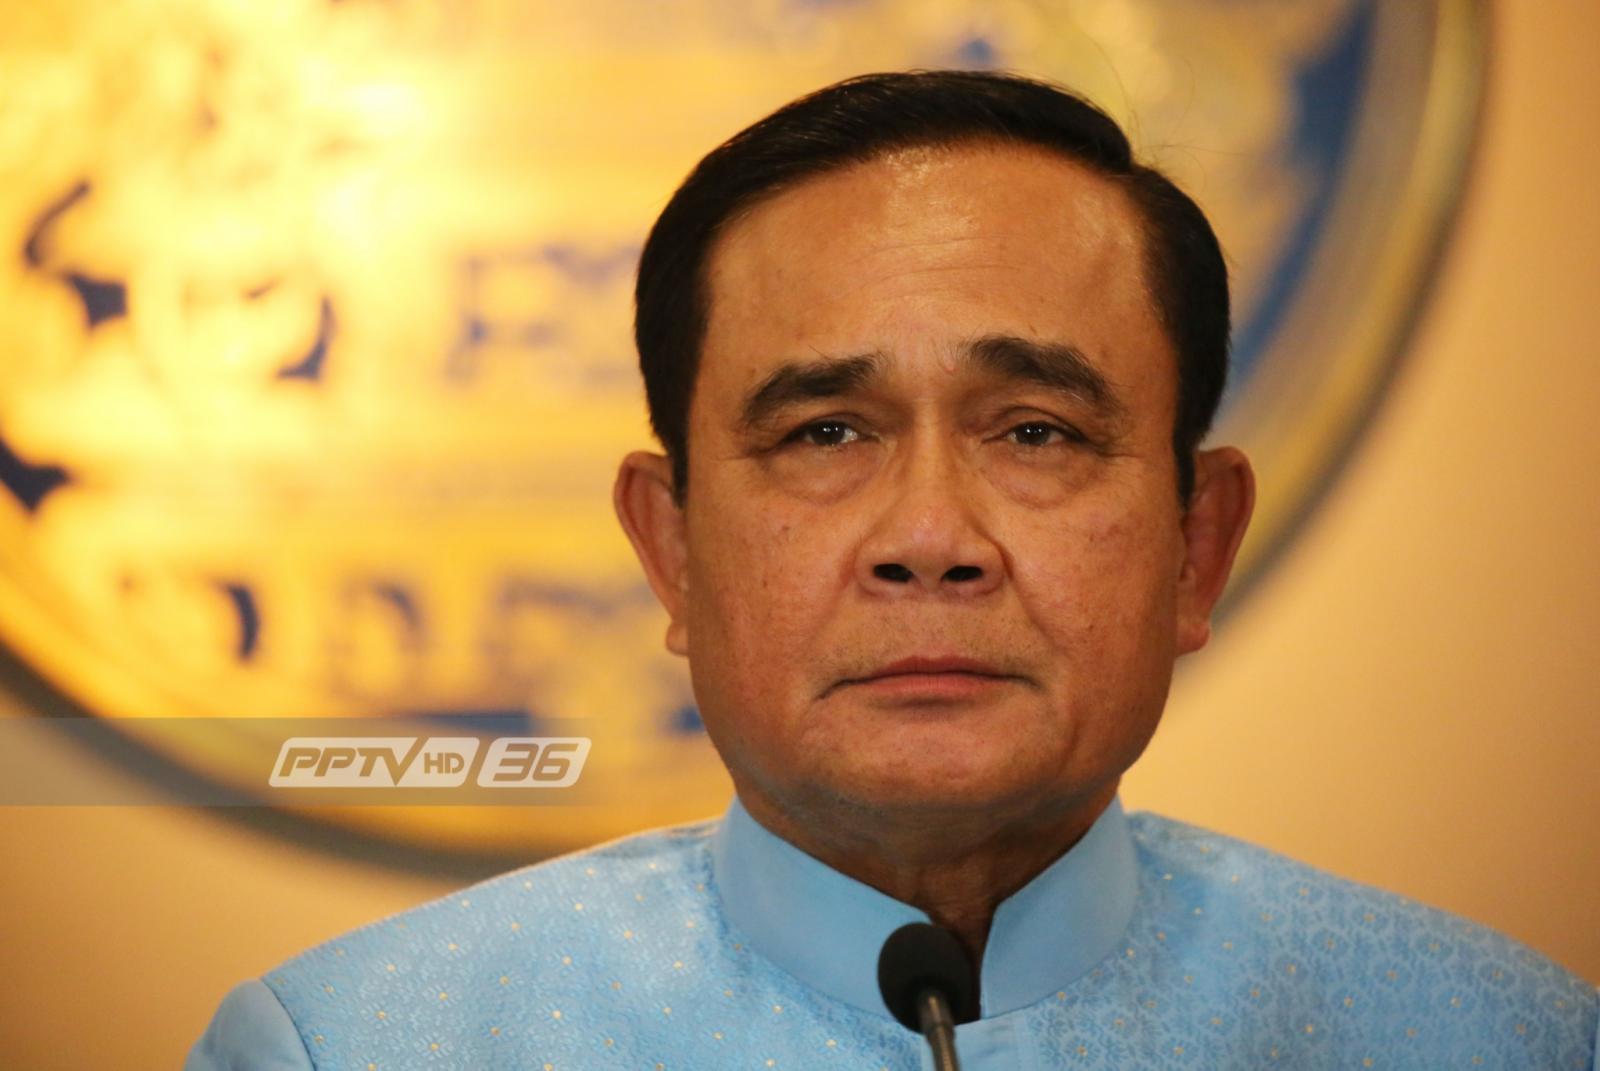 """""""ประยุทธ์"""" ยอมรับไทยมีปัญหาด้านเศรษฐกิจ สั่งหาทางออก หวั่นกระทบงบปี'63"""